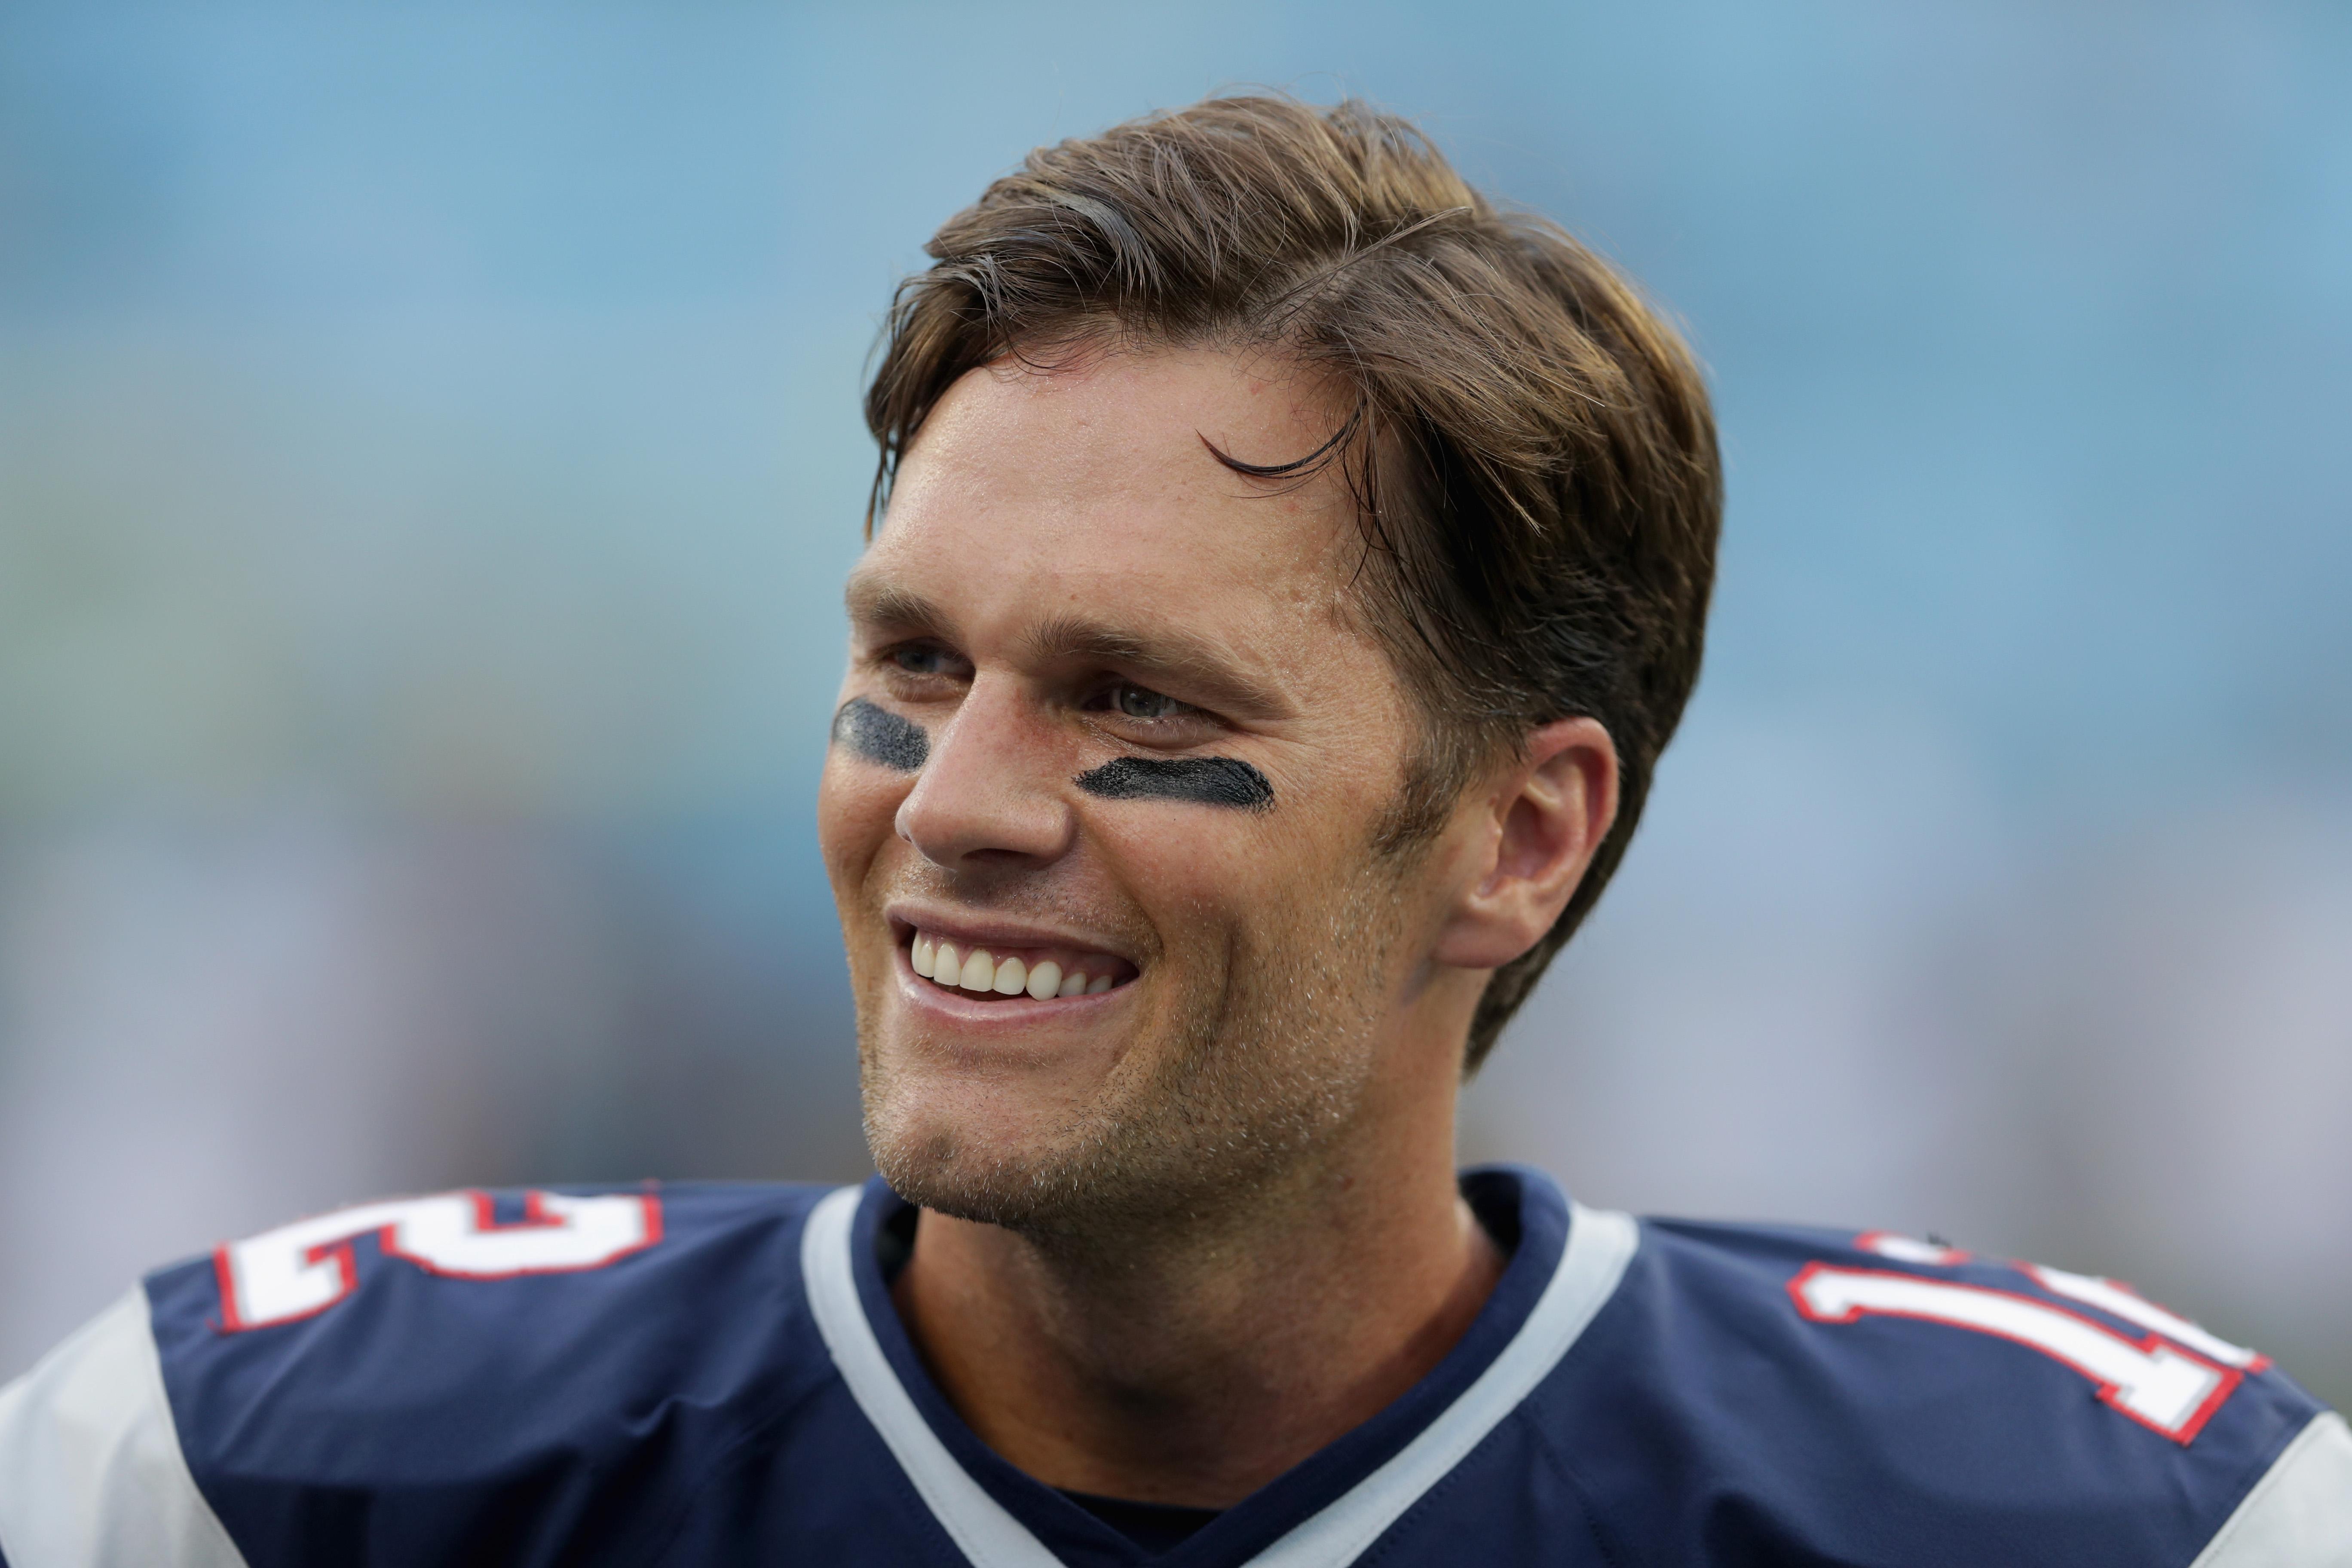 Why You Really Hate Tom Brady